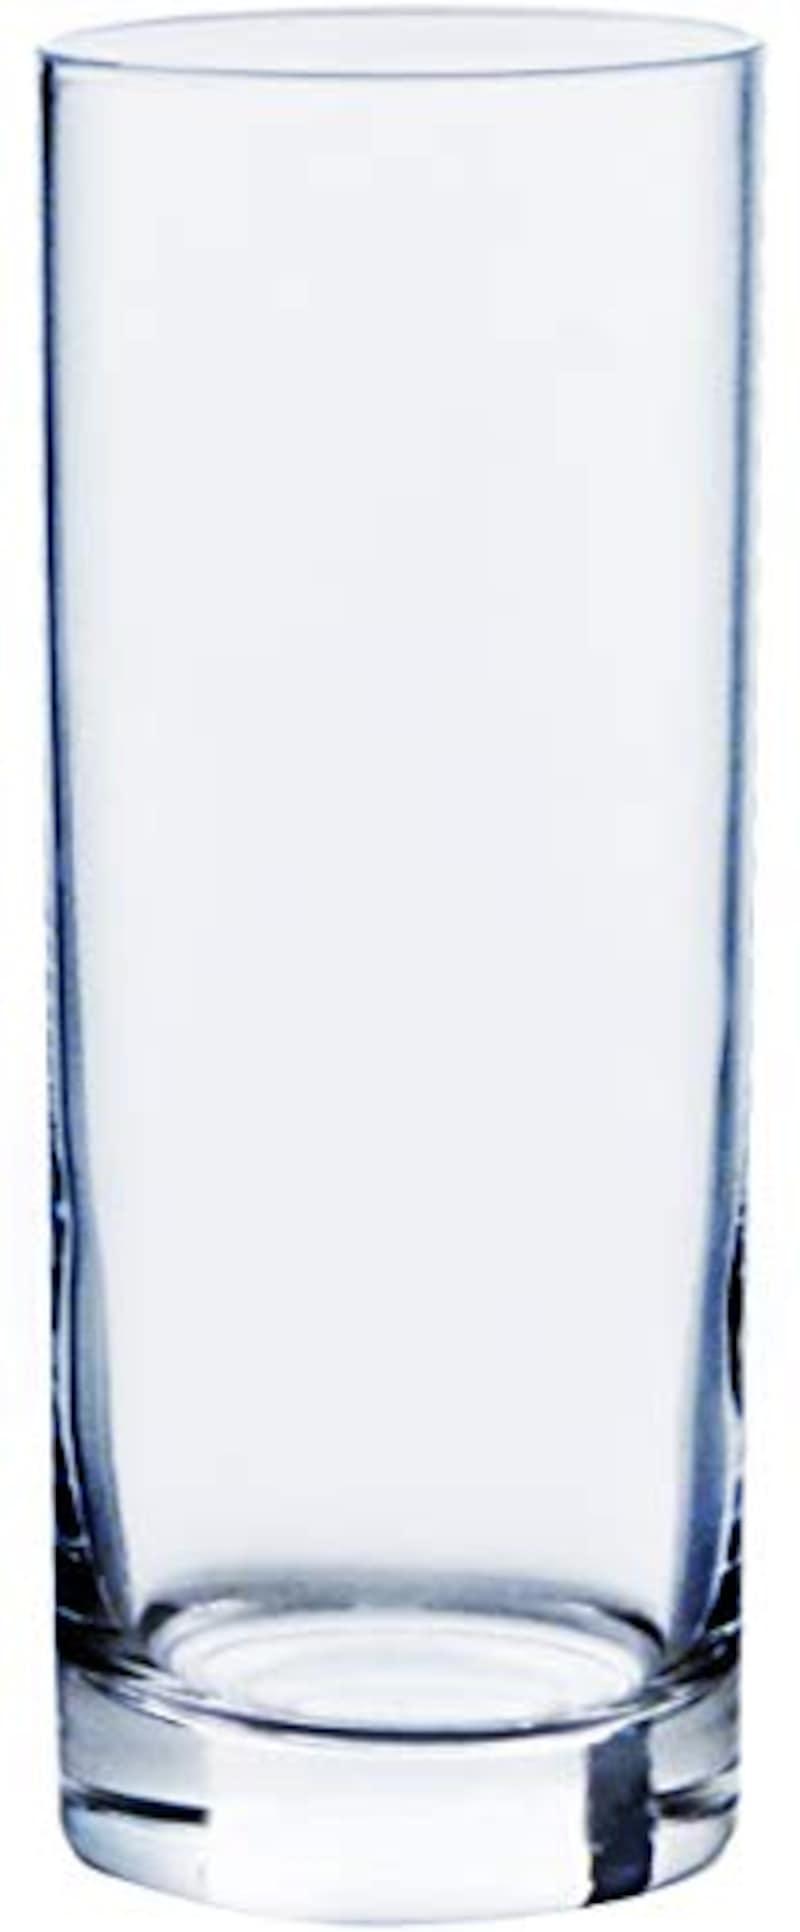 東洋佐々木ガラス,ゾンビーグラス,07111HS